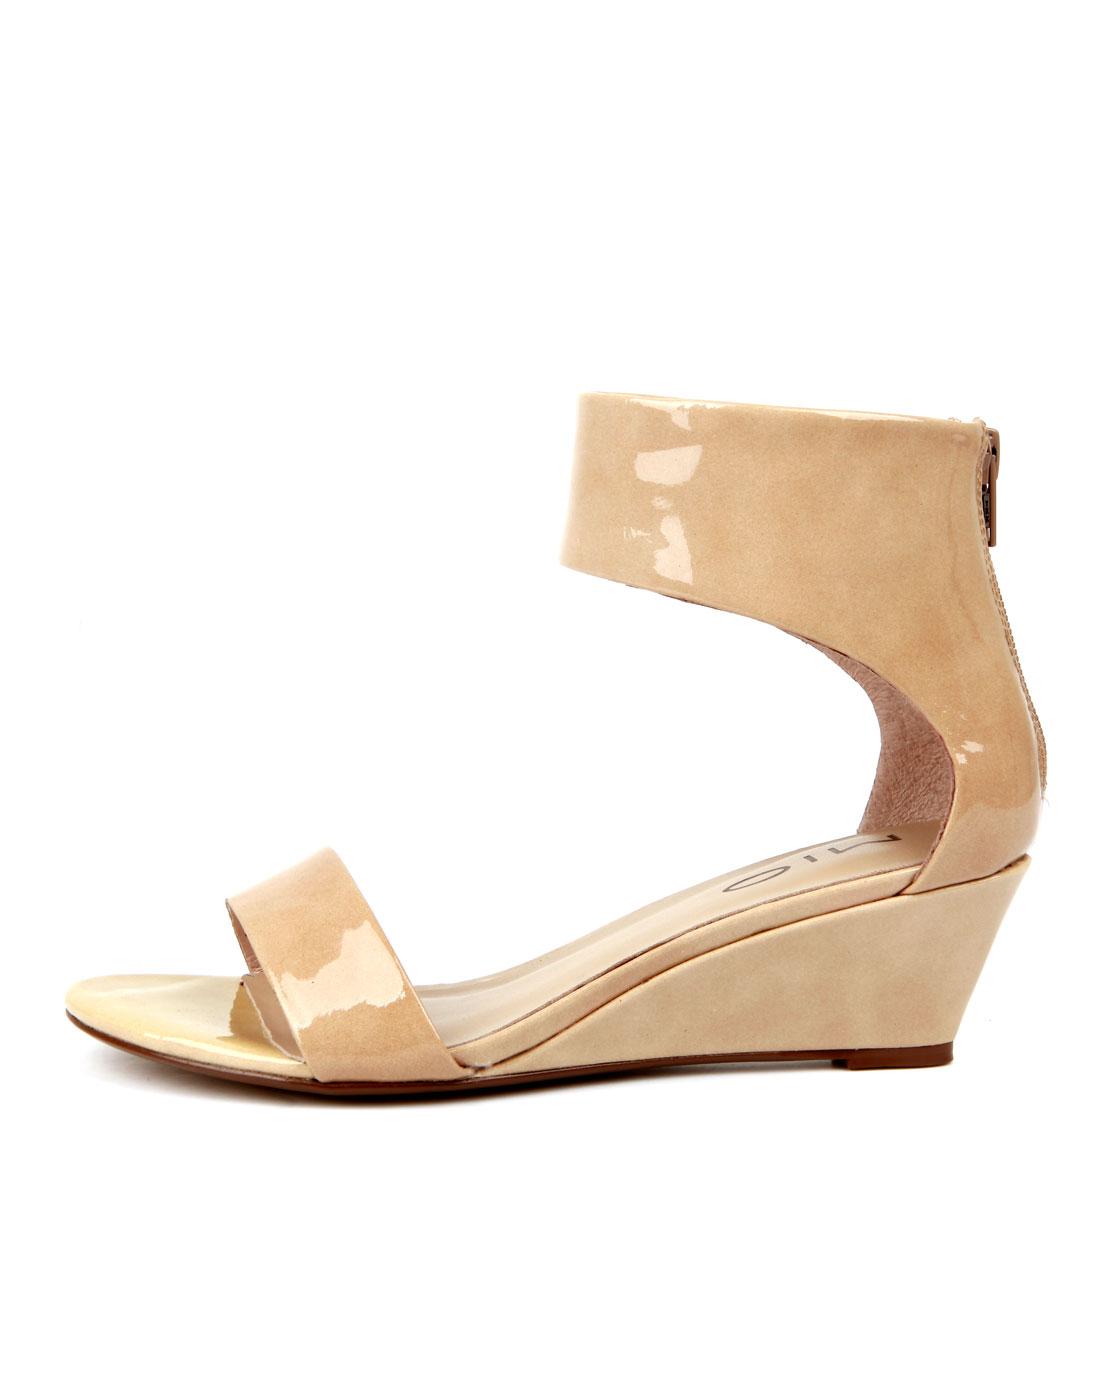 米奥mio裸色素面小坡跟中跟凉鞋m123160801a21